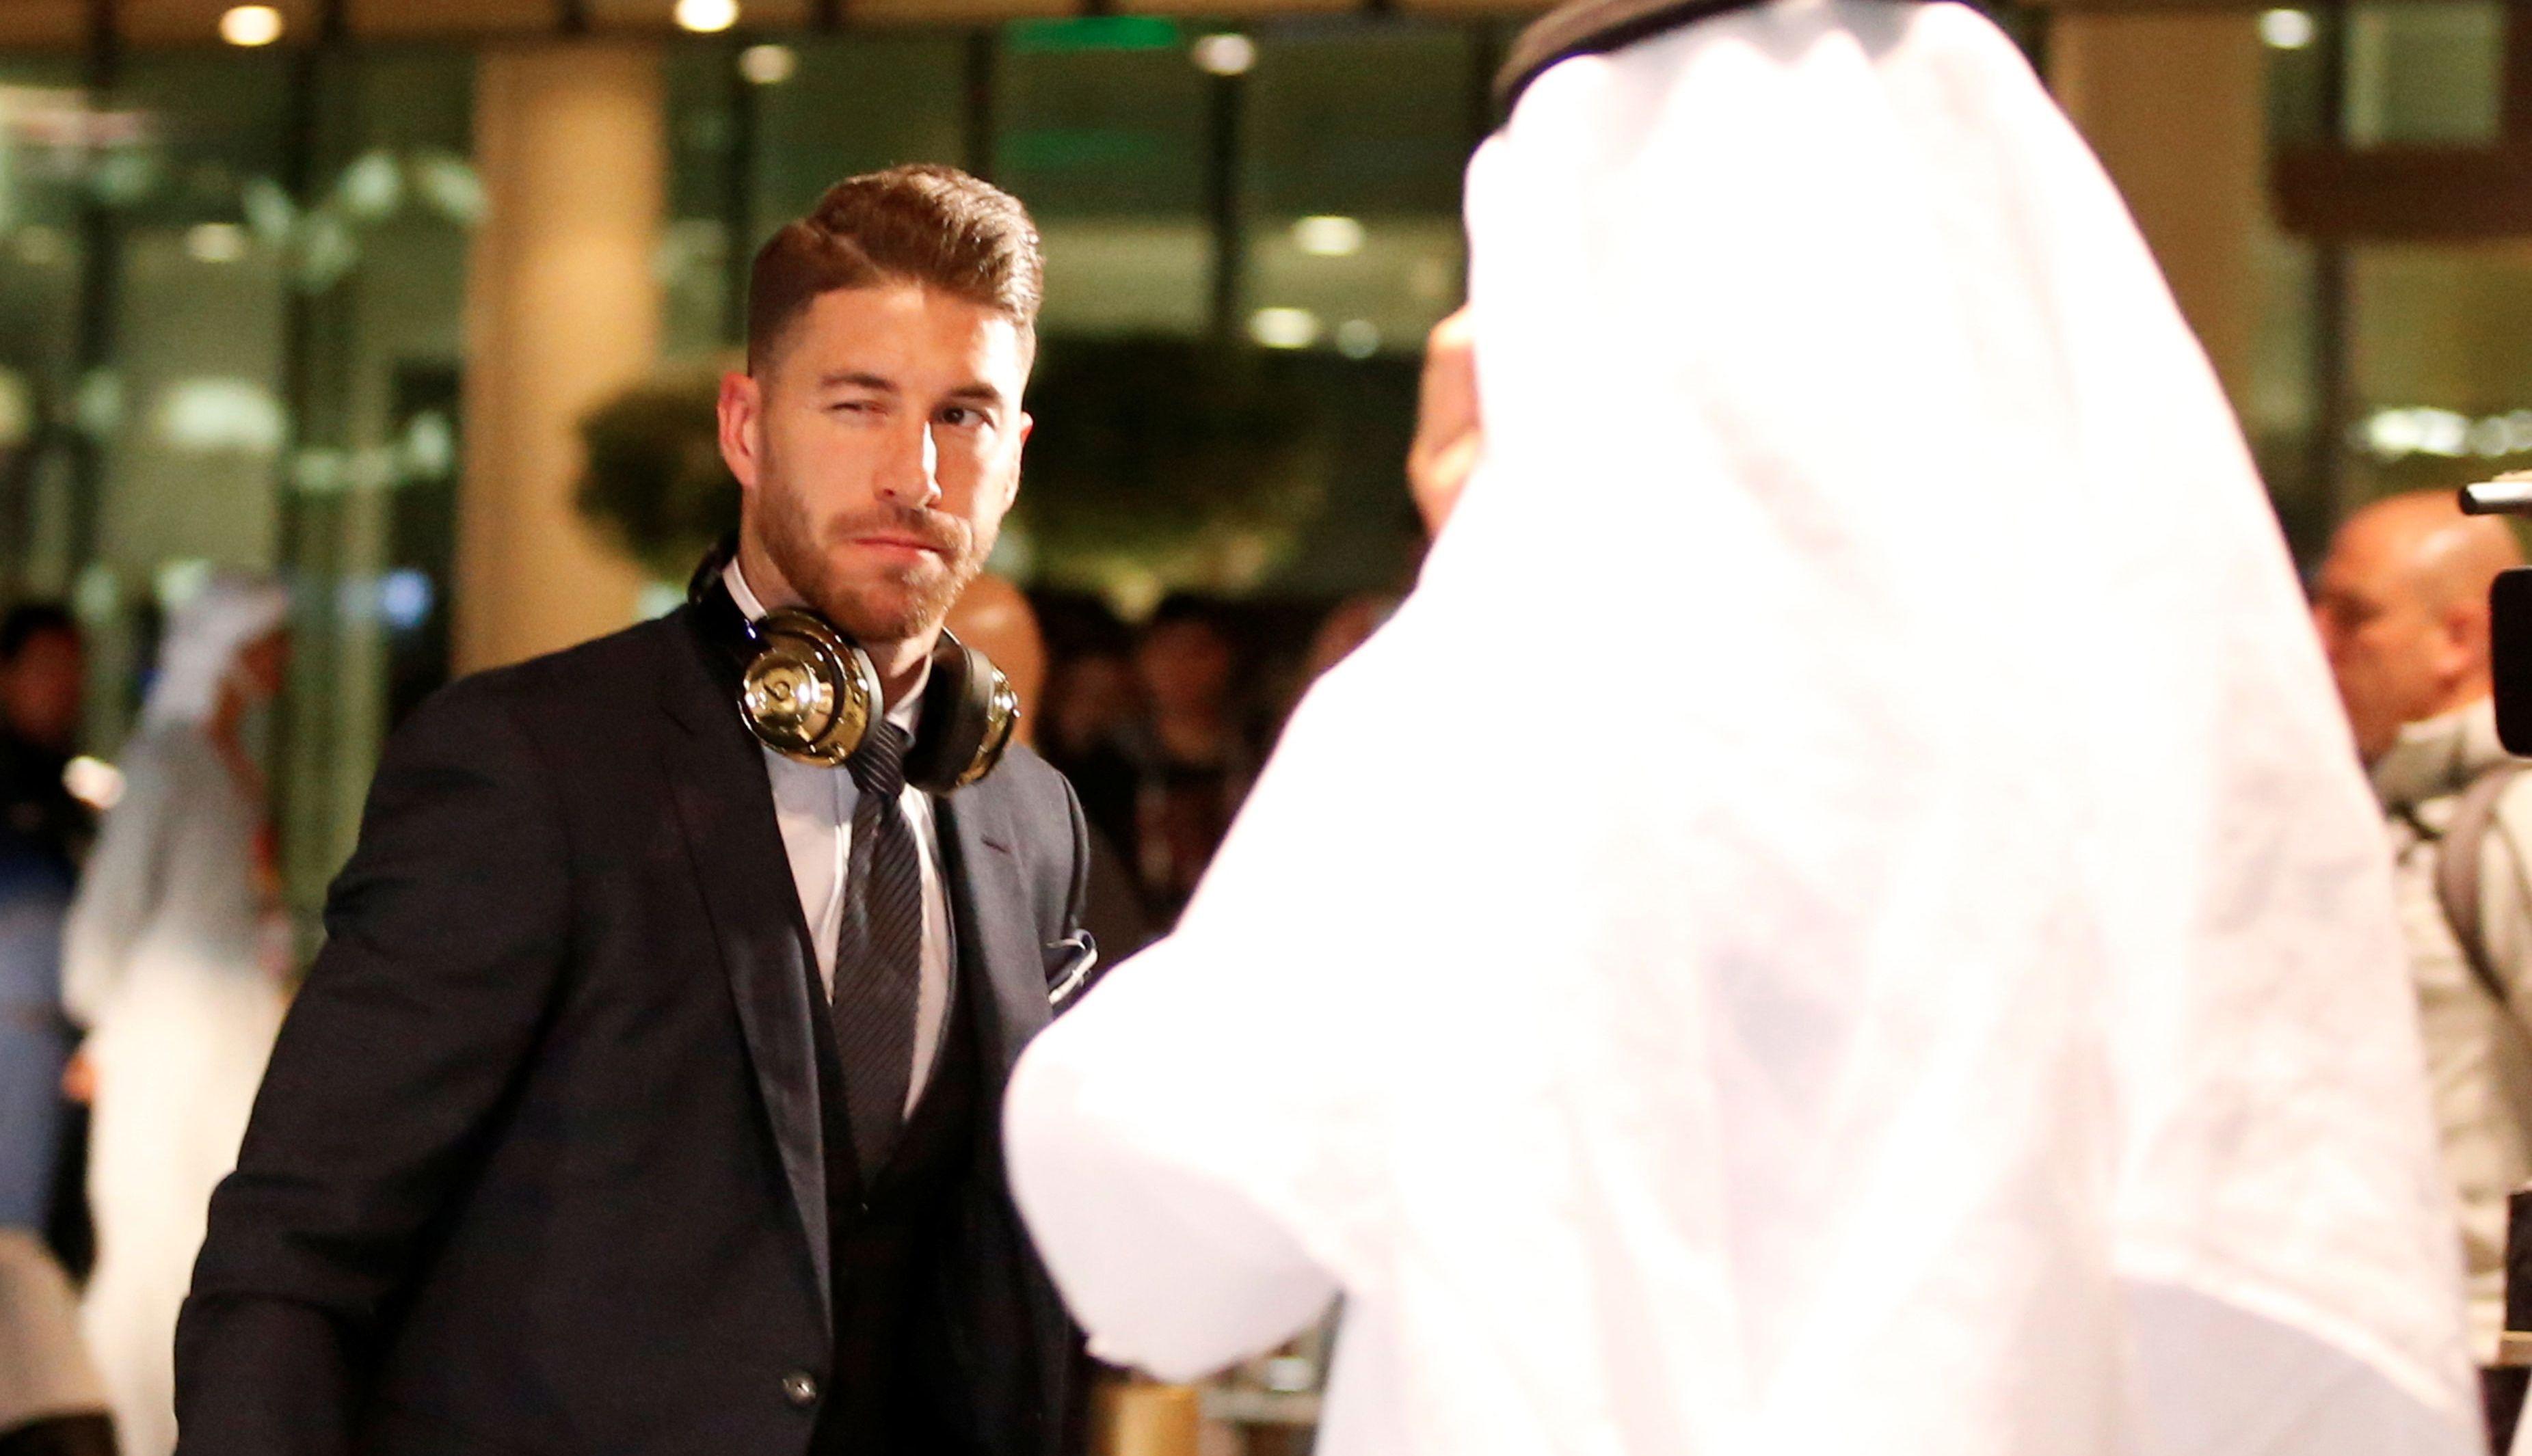 La llegada del Real Madrid a Emiratos Árabes Unidos para defender el Mundial de Clubes